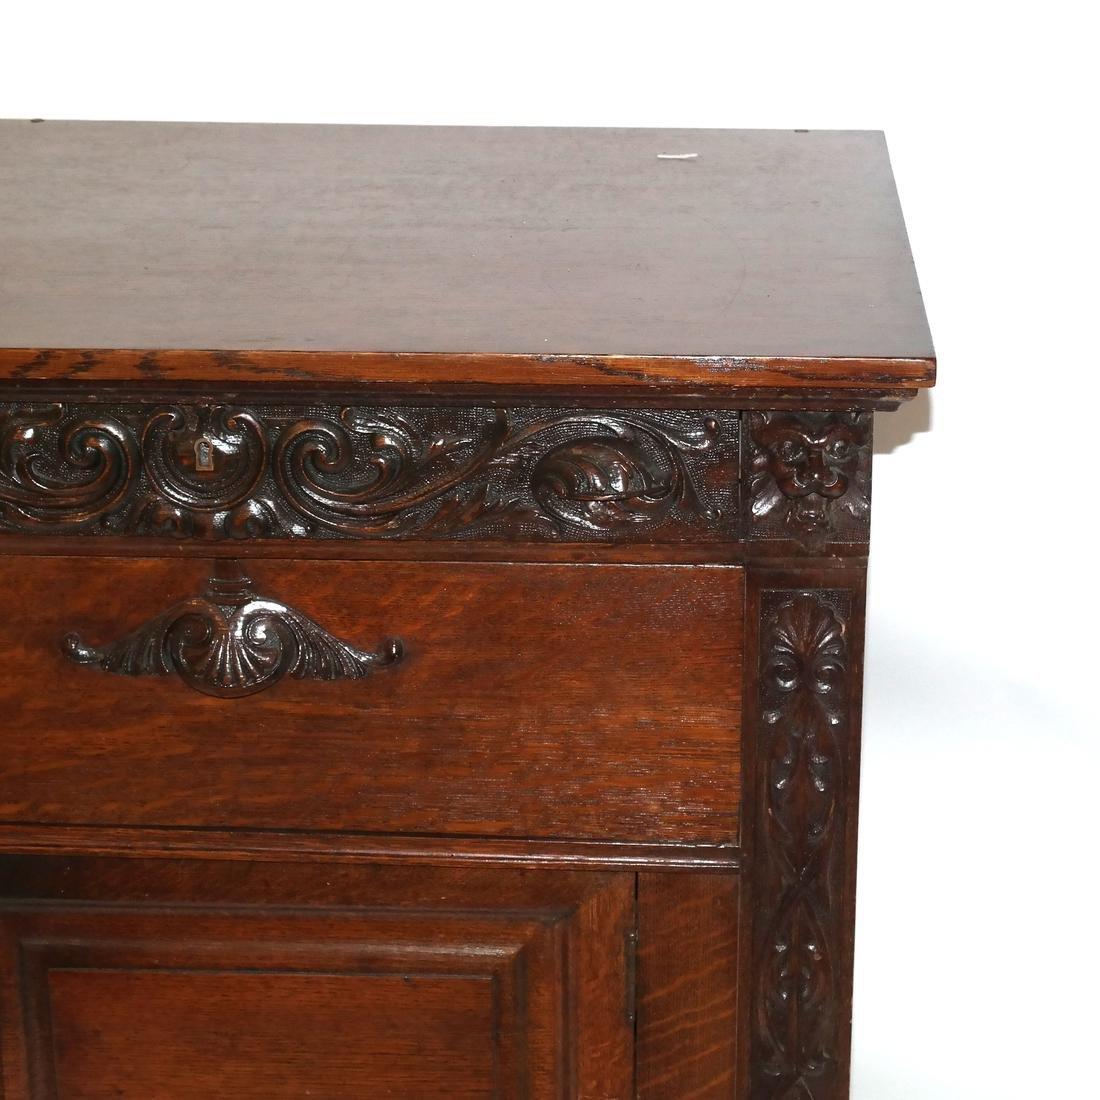 Antique Ornate Golden Oak Sideboard - 2